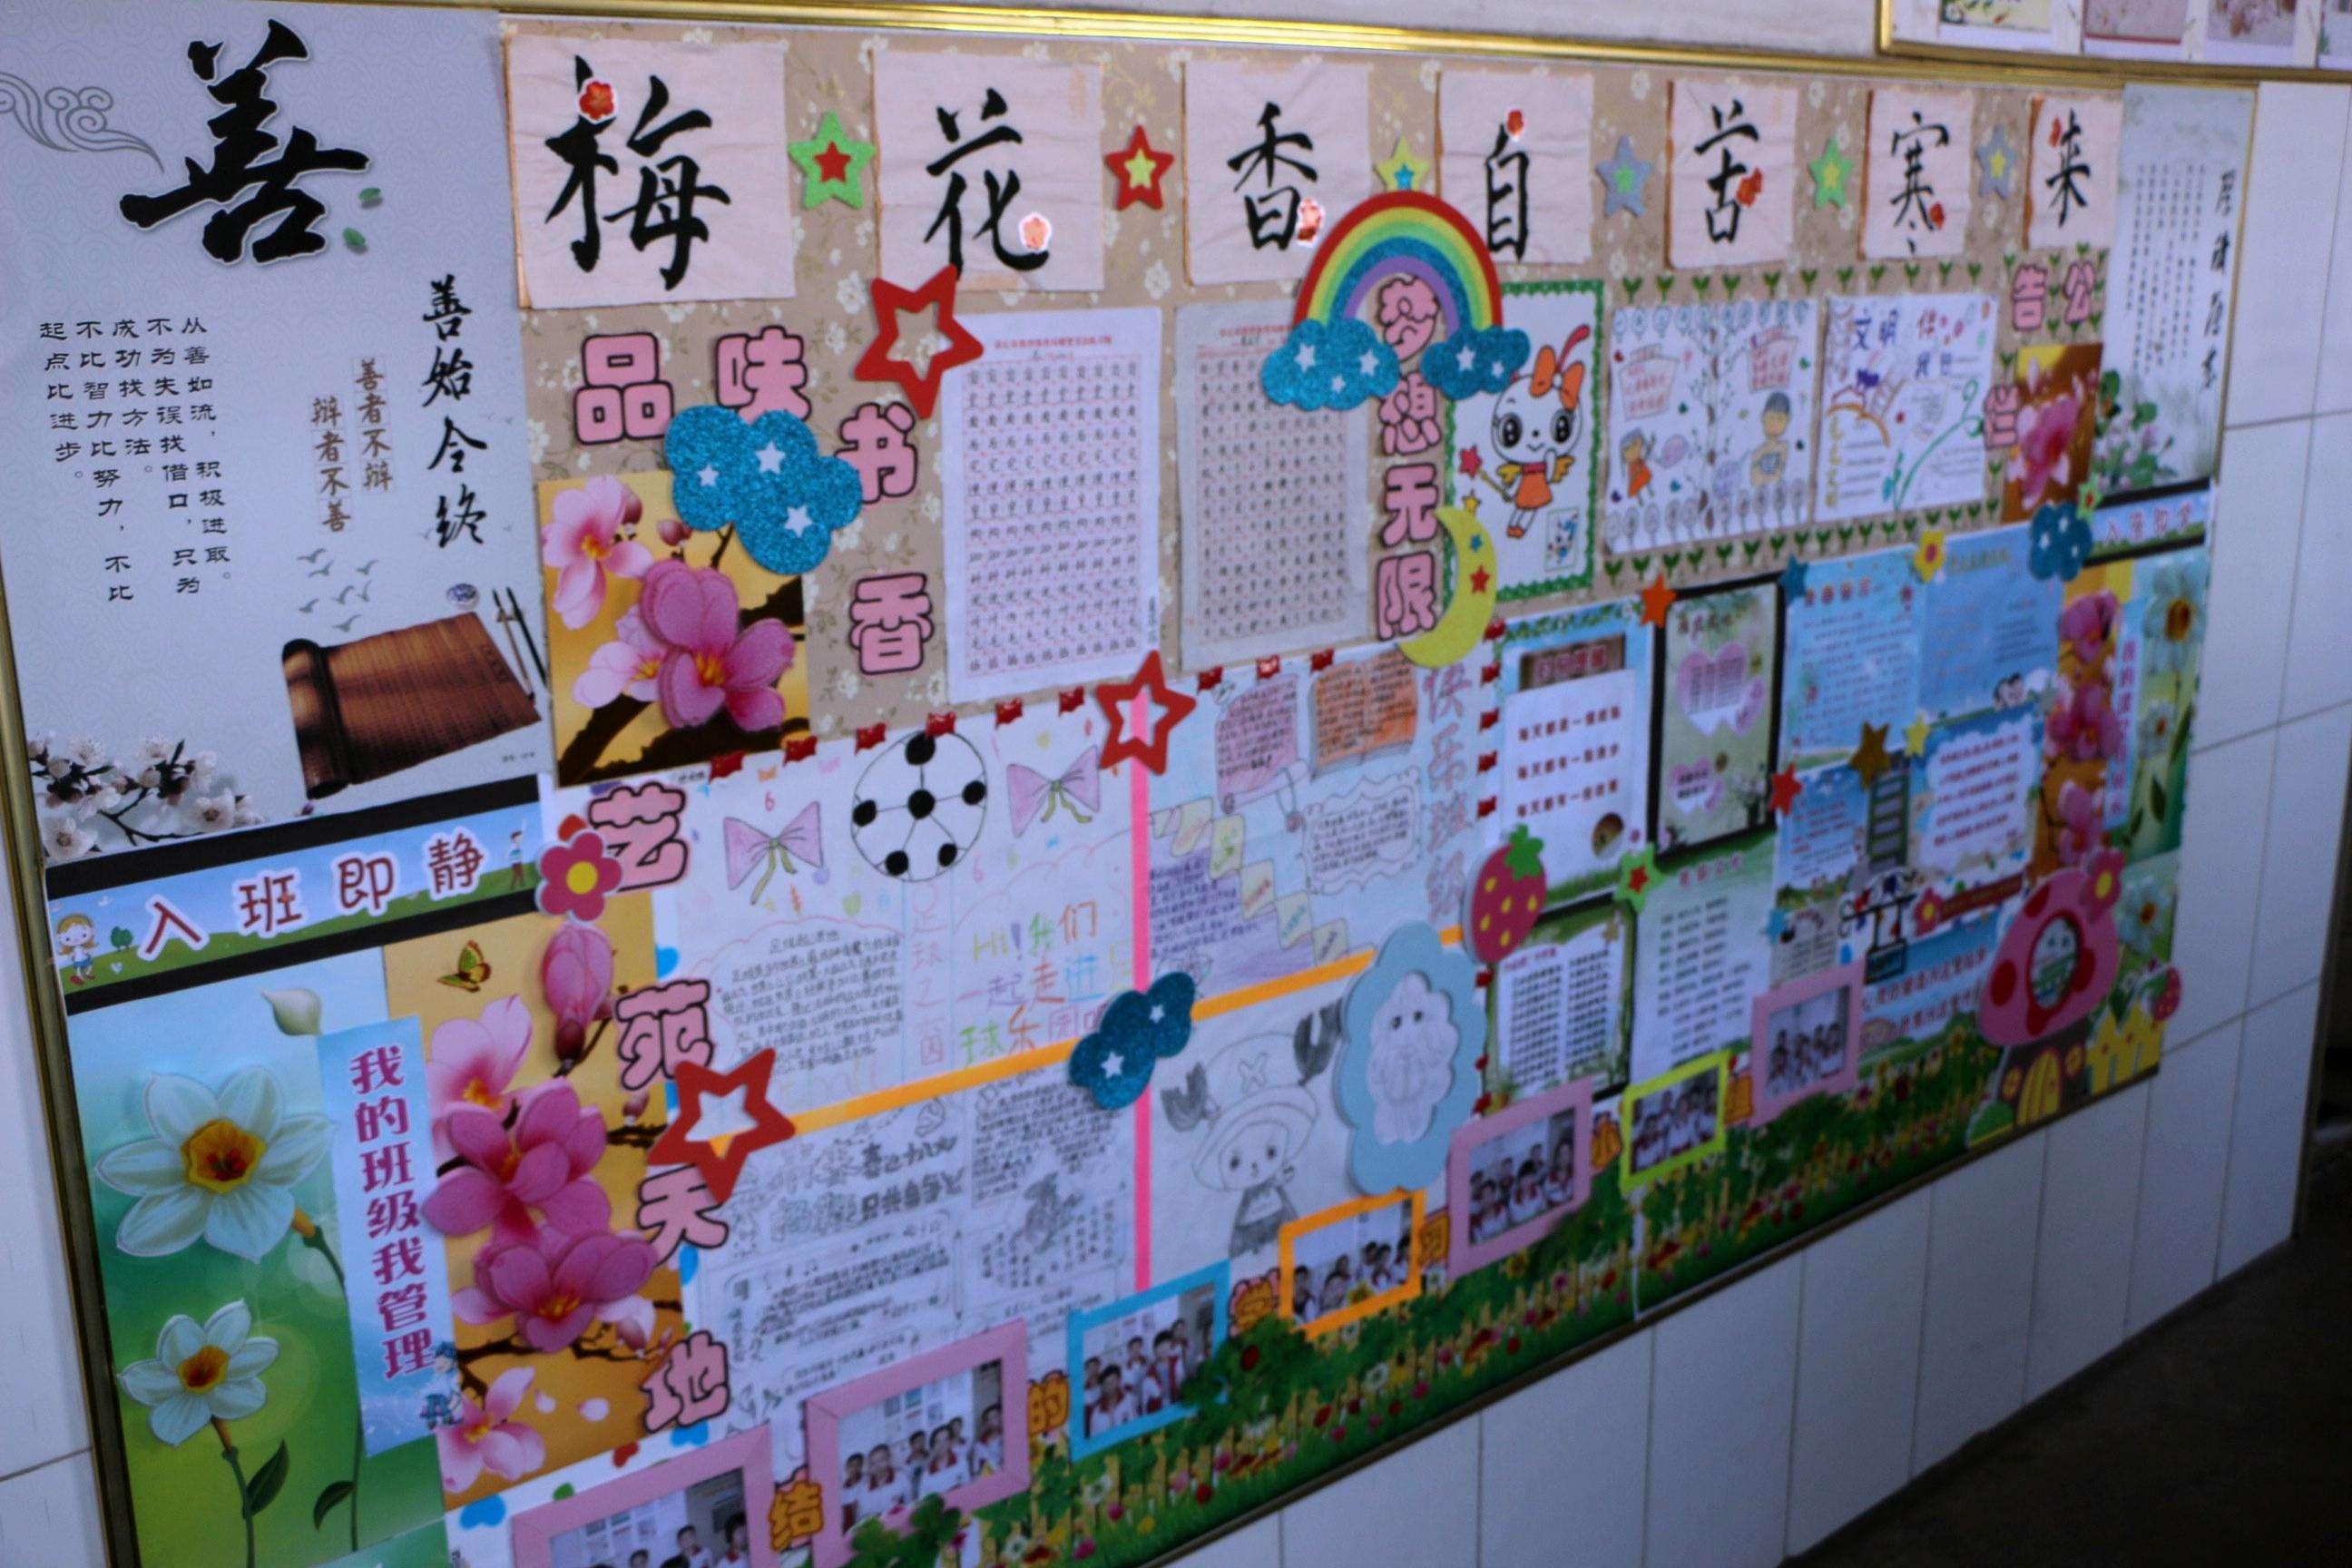 高中班级文化墙创意设计图片 班级文化墙怎么设计好看